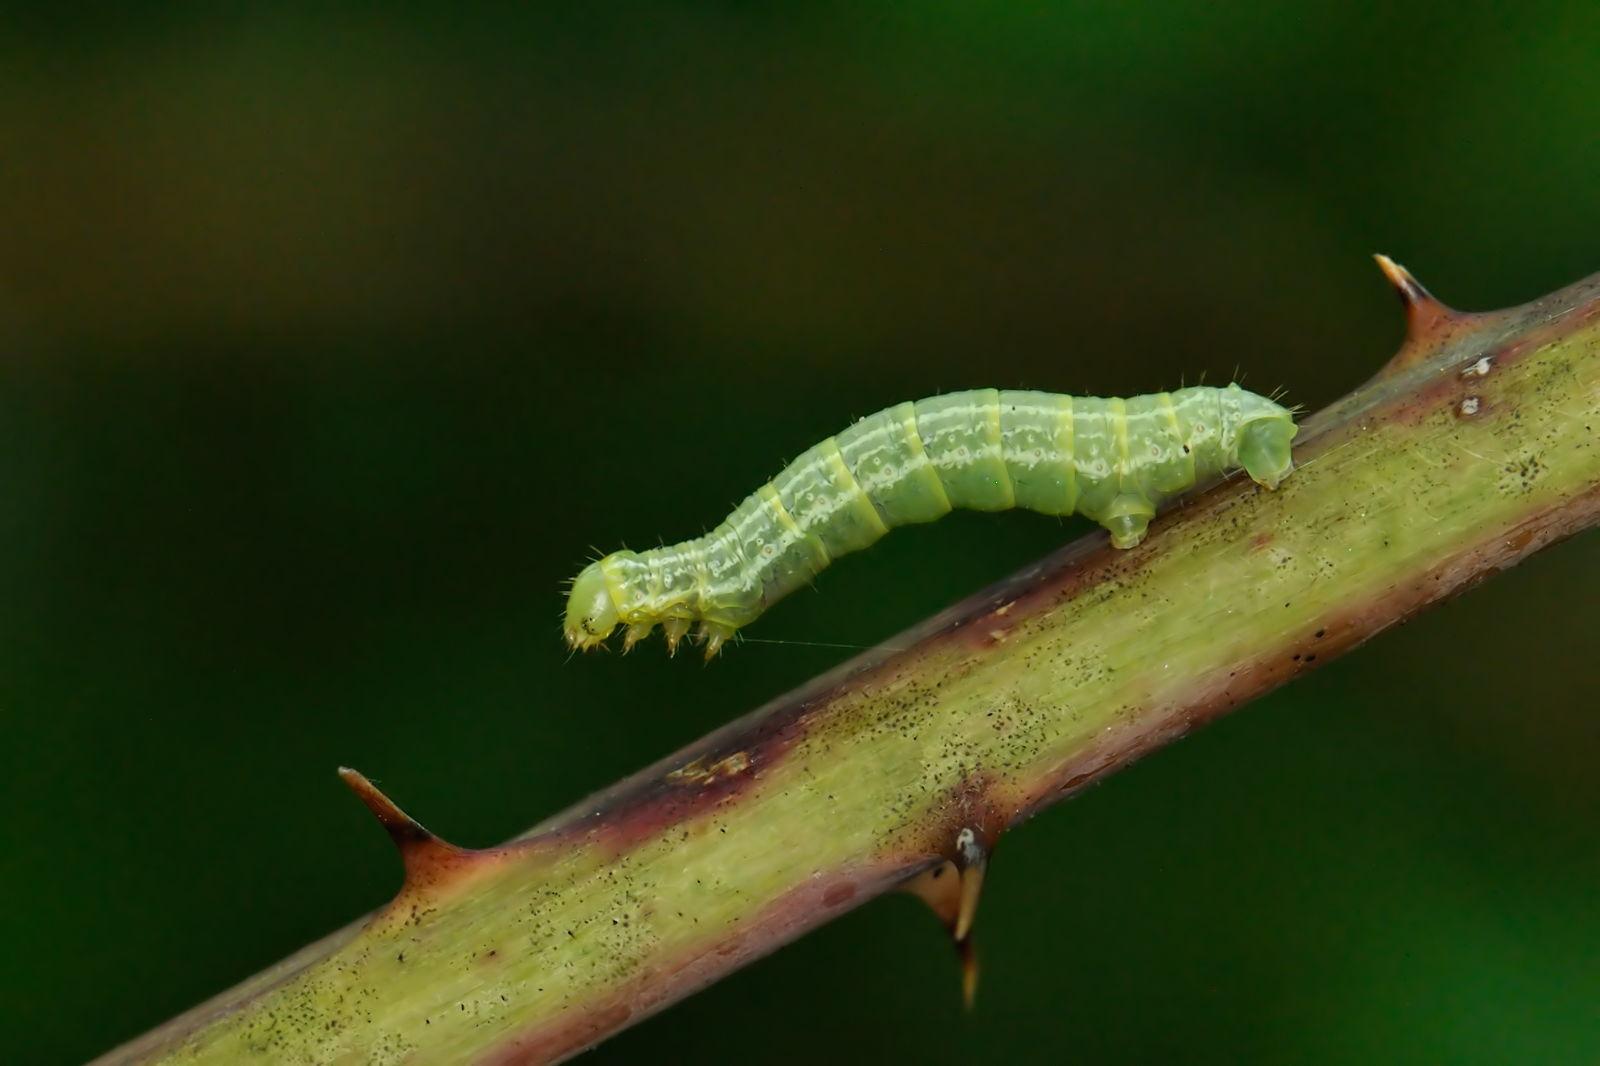 Frostspanner Alles Zum Erkennen Vorbeugen Bekampfen Plantura